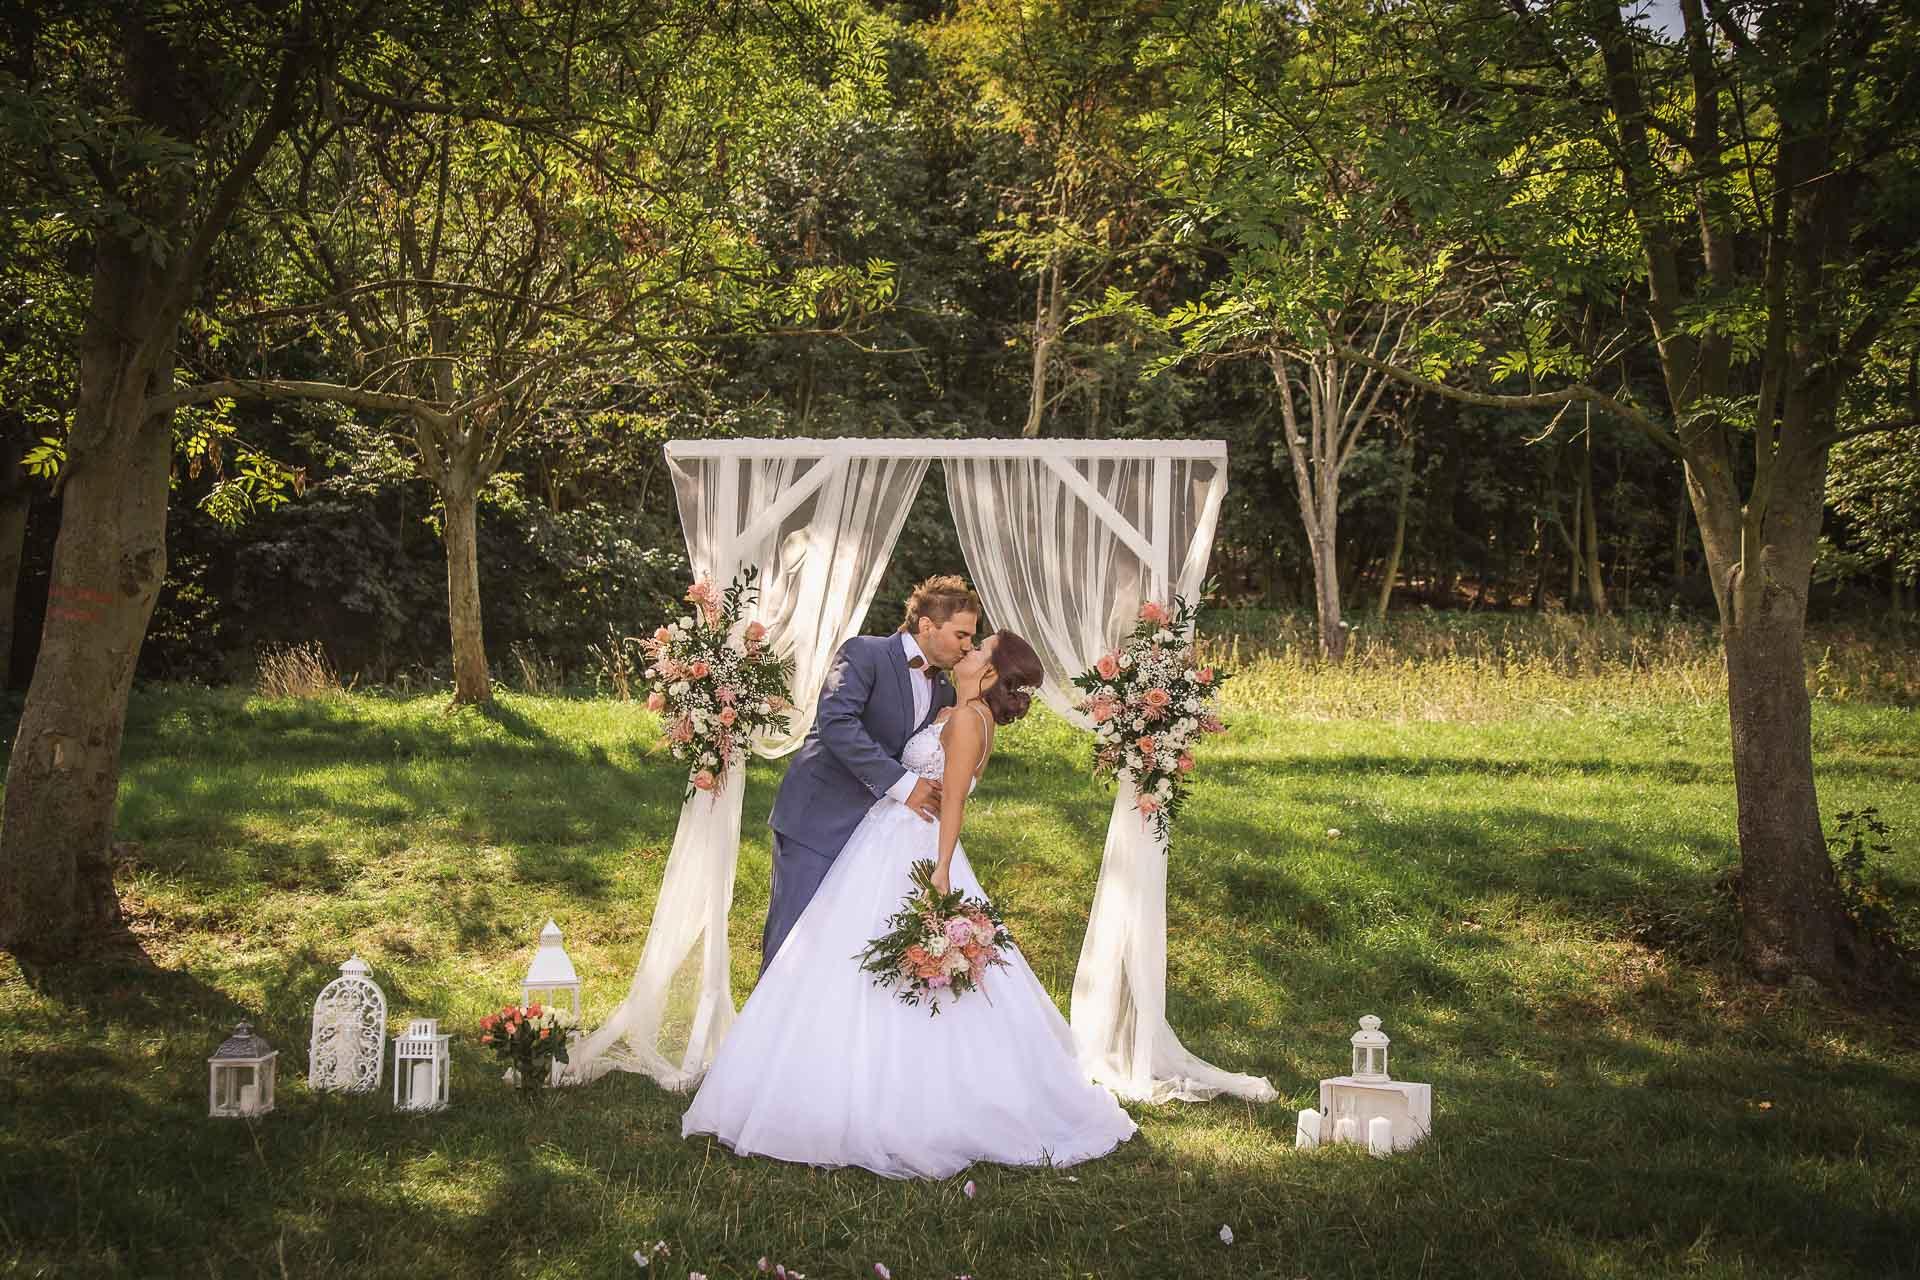 svatební-fotografie-Říp-svatební-video-ŘÍP-svatební-fotograf-ŘÍP-svatba-Mělník-svatba-Neratovice-fotograf-na-savtbu-kameraman-na-svatbu-181